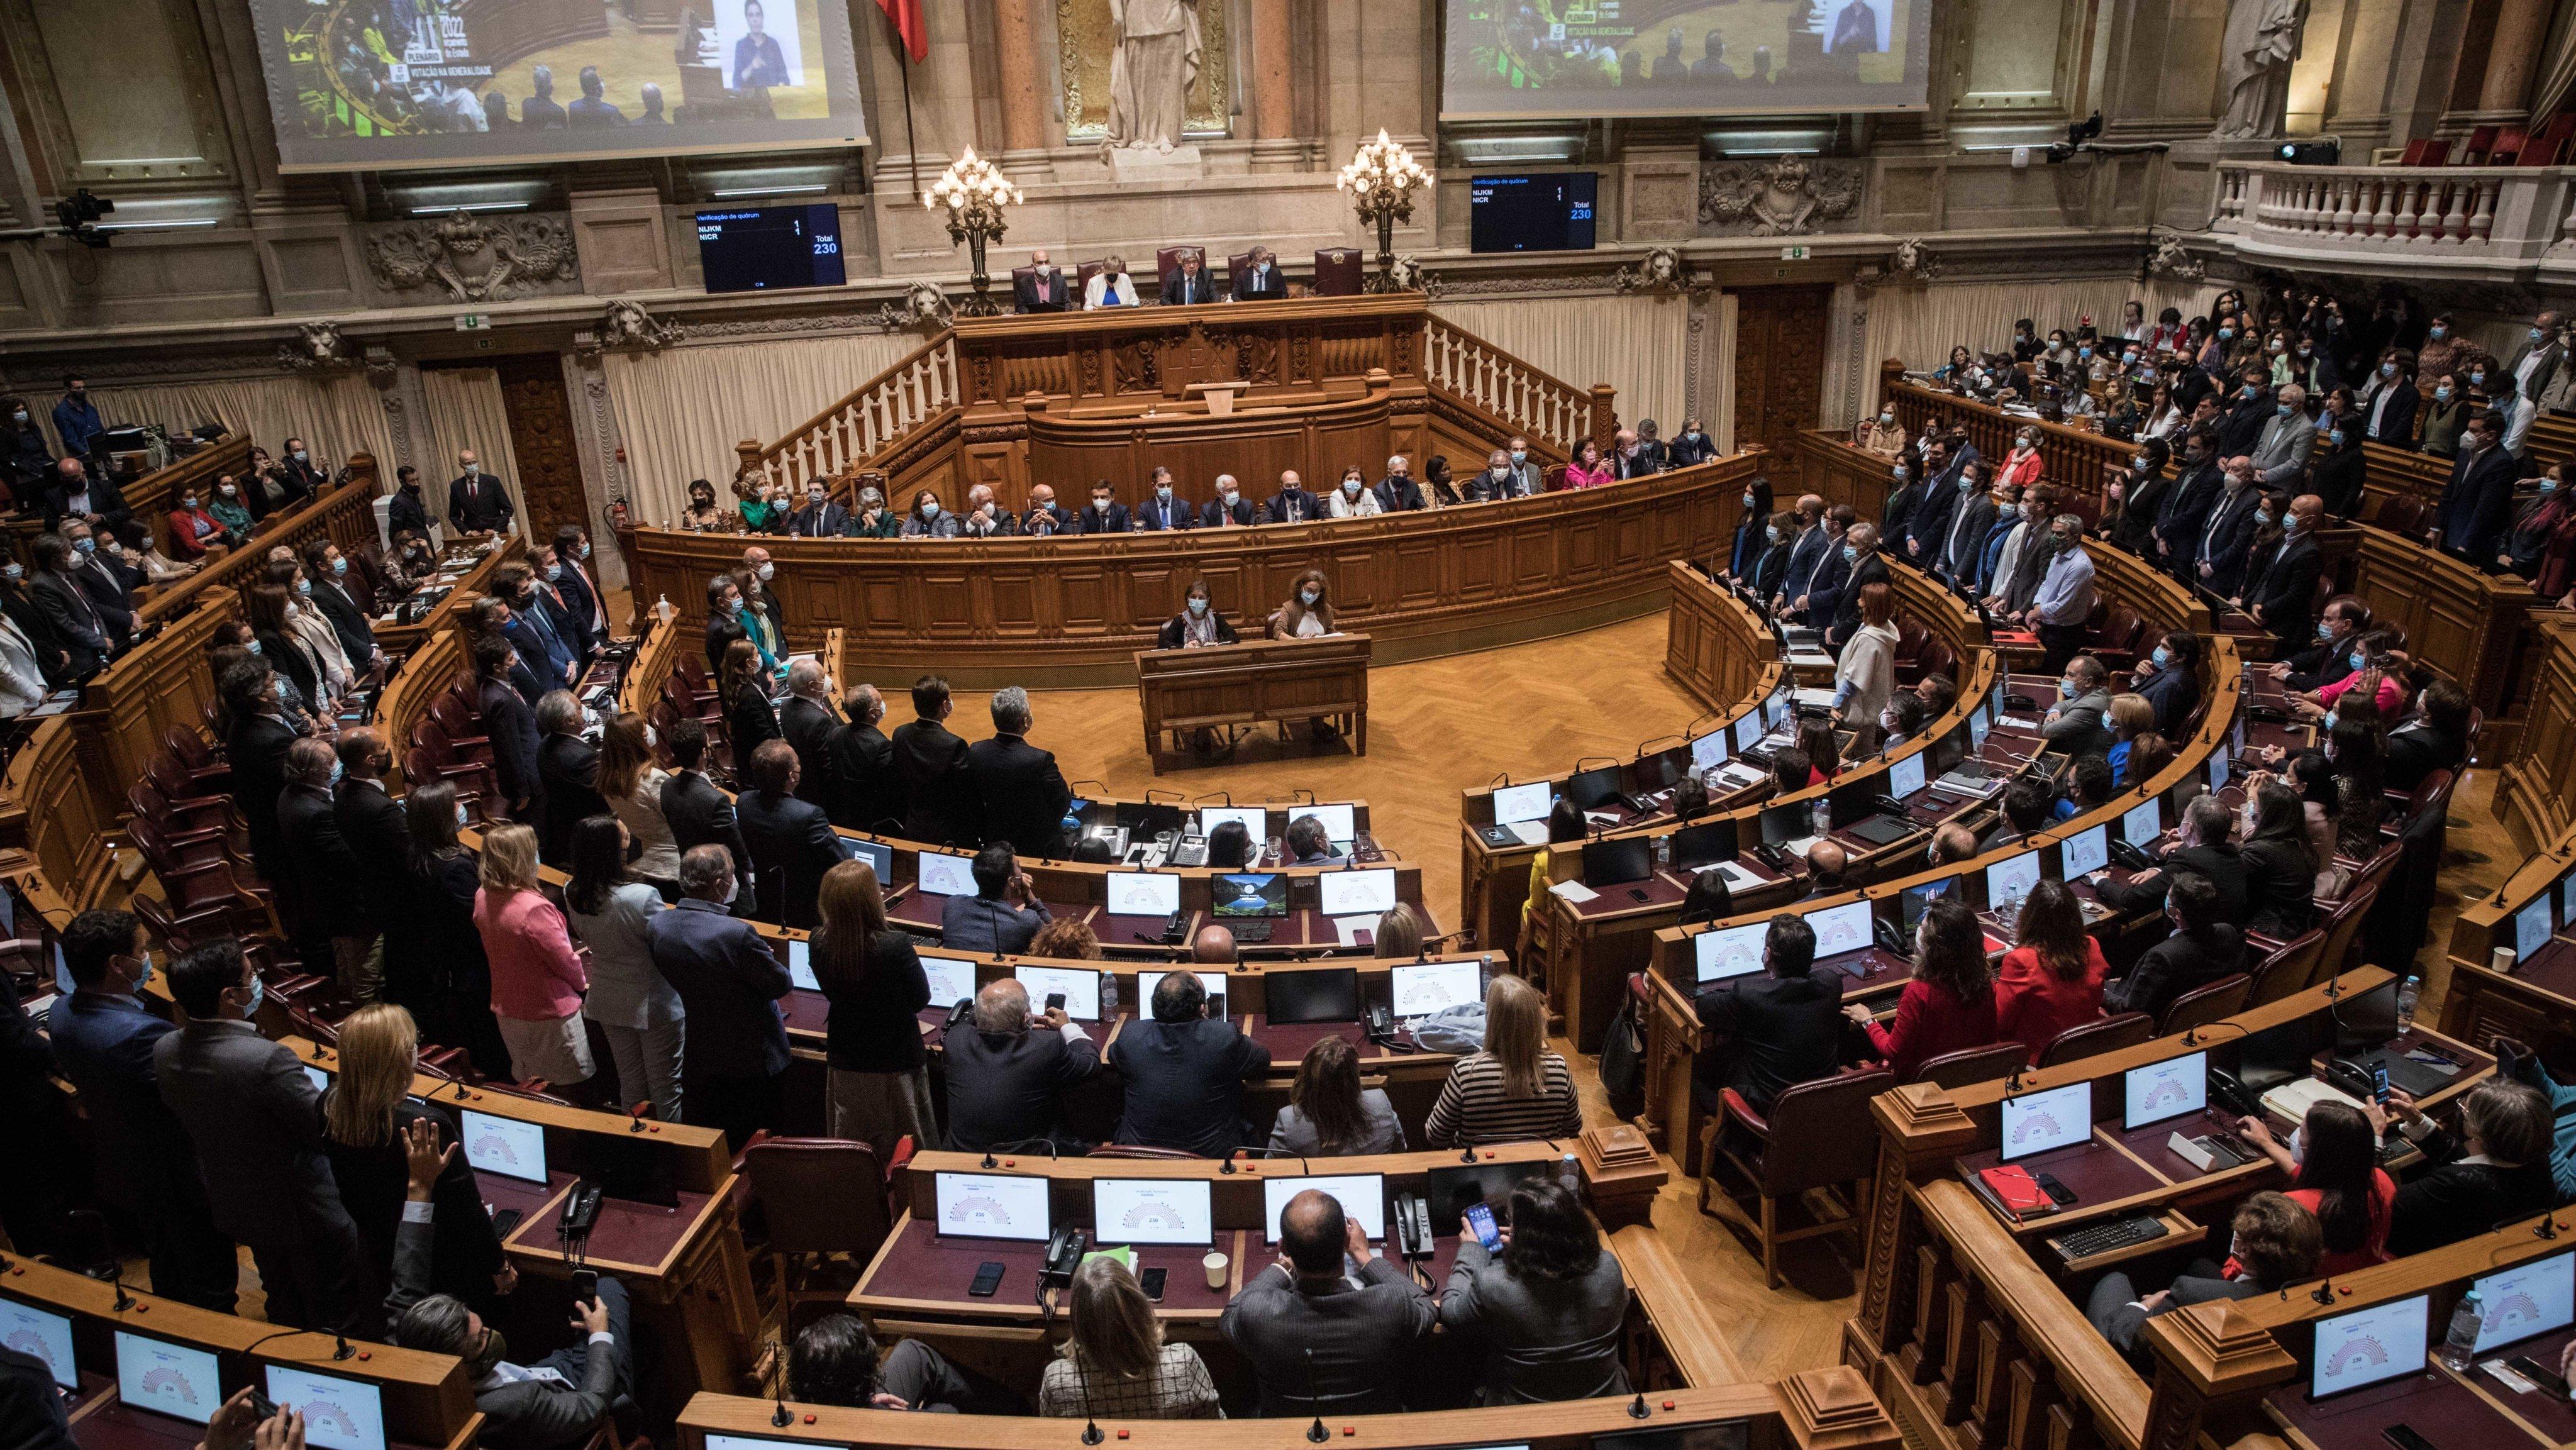 Parlamento: Debate e votação na generalidade ao Orçamento do Estado para 2022, na Assembleia da República. Bloco de Esquerda e PCP votarão contra o orçamento o que provocará a queda do Governo de António Costa e eleições antecipadas. Momento em que a direita e a esquerda chumba o orçamento do Estado do Governo. Apenas PS votou a favor. Lisboa, 27 de outubro de 2021. JOÃO PORFÍRIO/OBSERVADOR